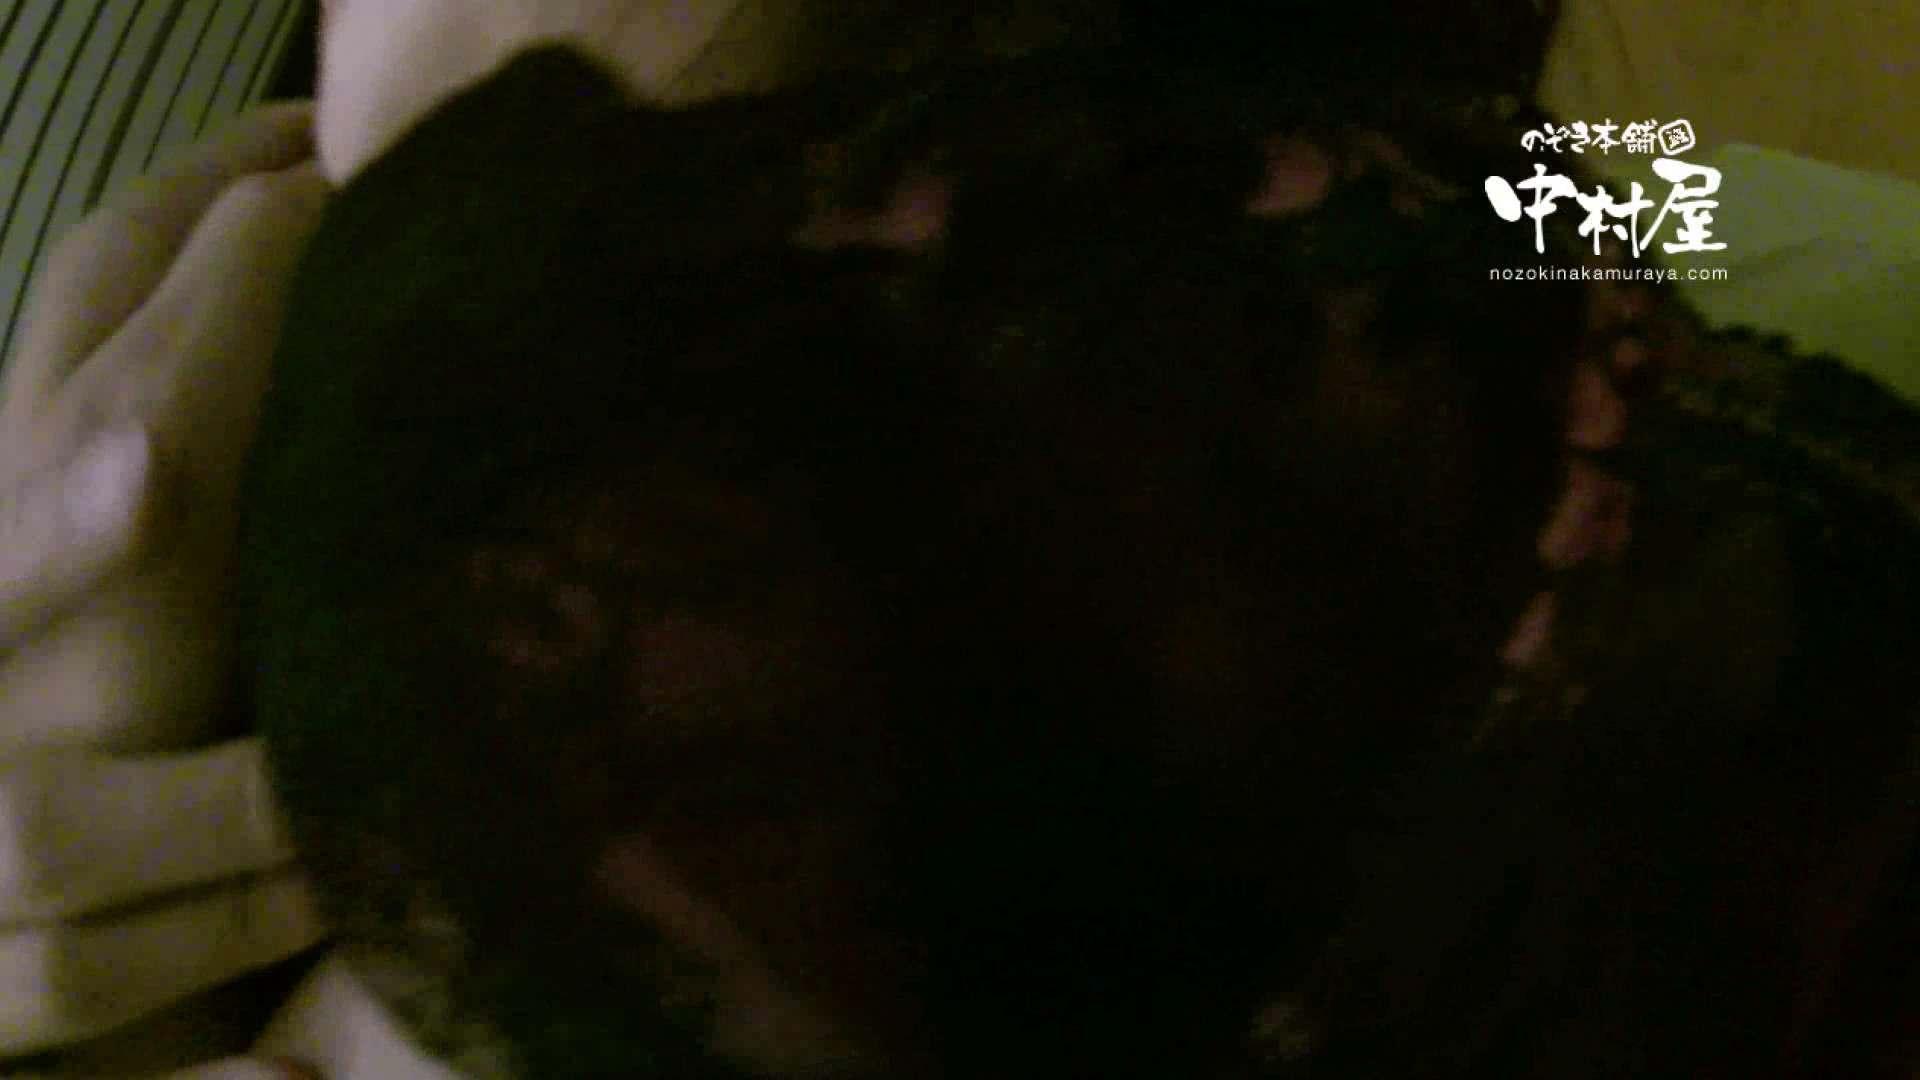 鬼畜 vol.17 中に出さないでください(アニメ声で懇願) 後編 美しいOLの裸体   鬼畜  69pic 55